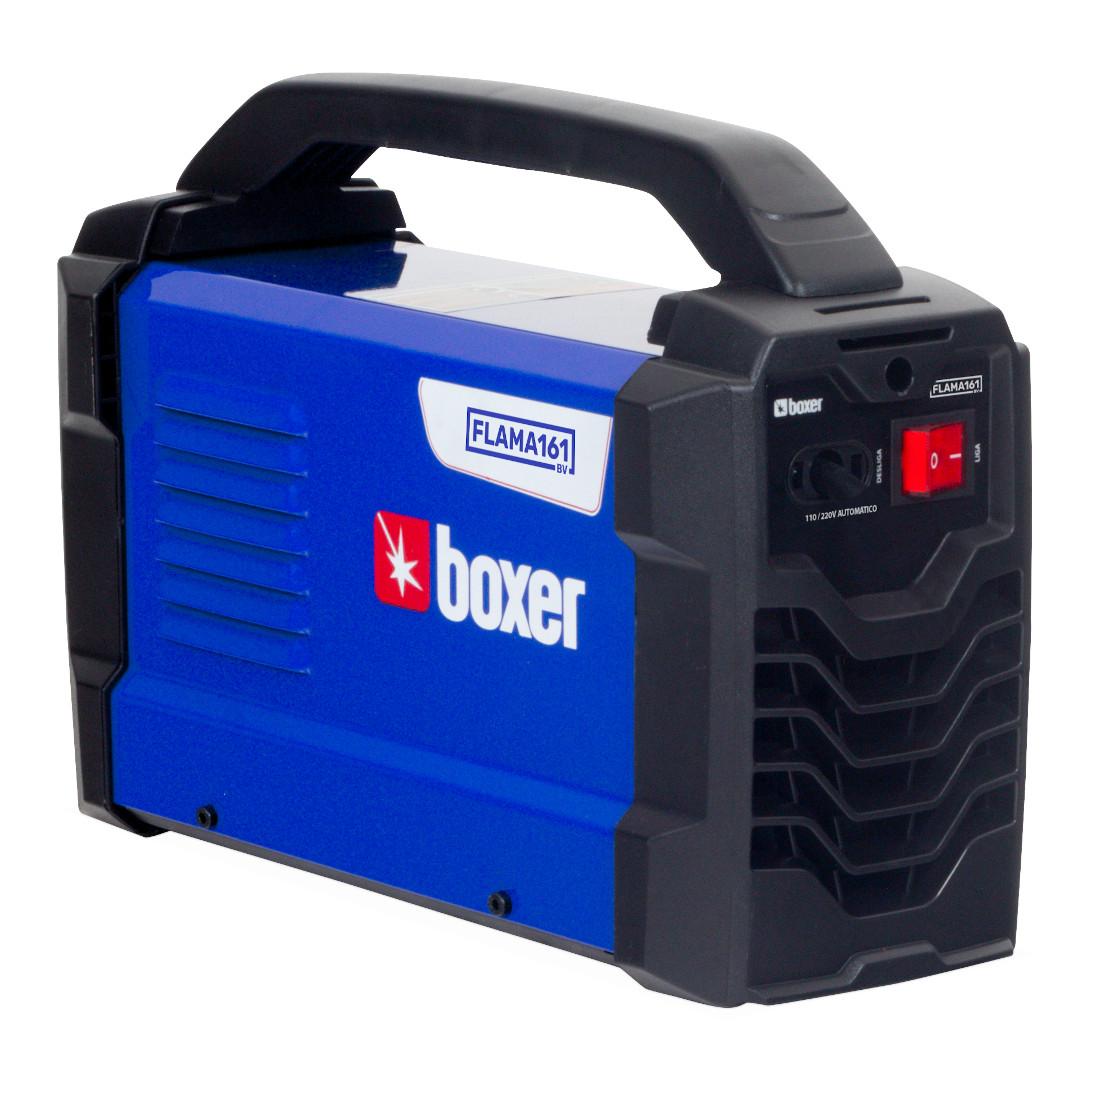 Máquina Inversora de Solda, 160amp, Bivolt, BOXER - FLAMA161BV